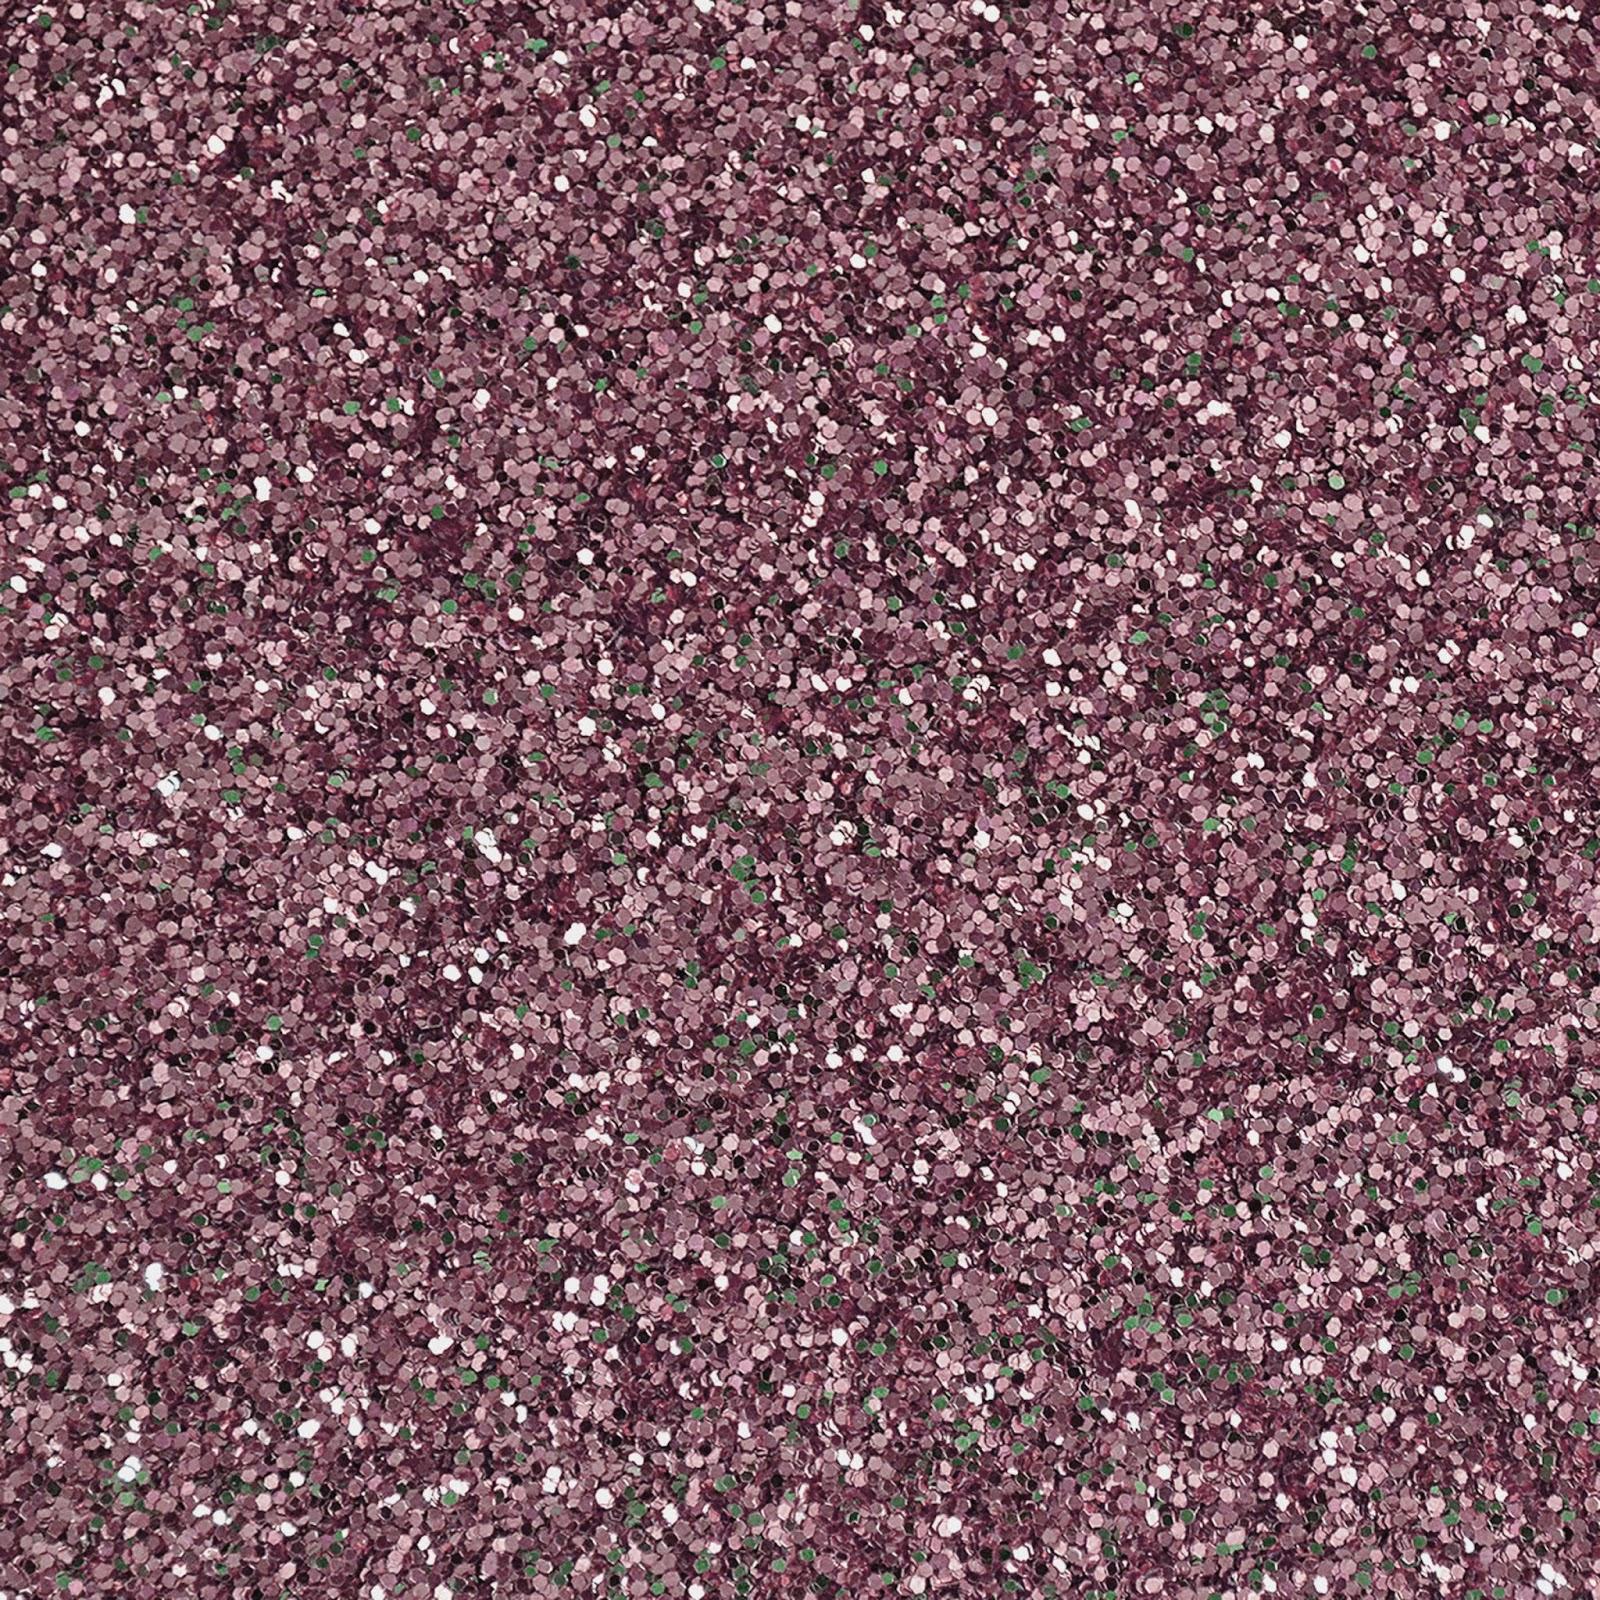 Doodlecraft FREE Glitter Metallics Backgrounds 1600x1600